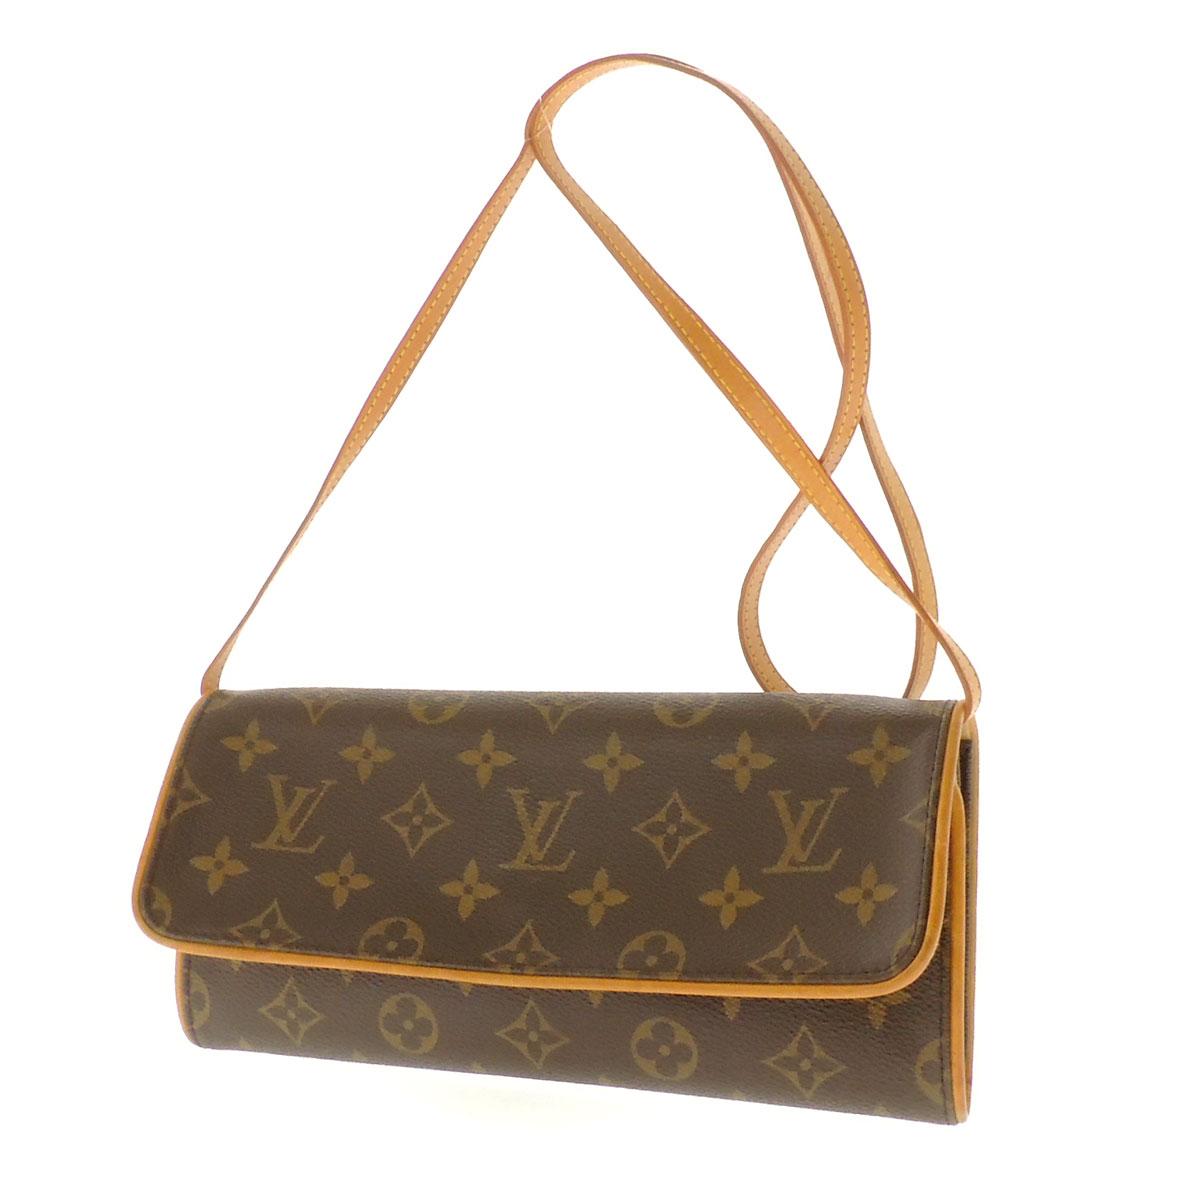 LOUIS VUITTON ポシェトツイン GM M51852 shoulder bag monogram canvas Lady's fs3gm